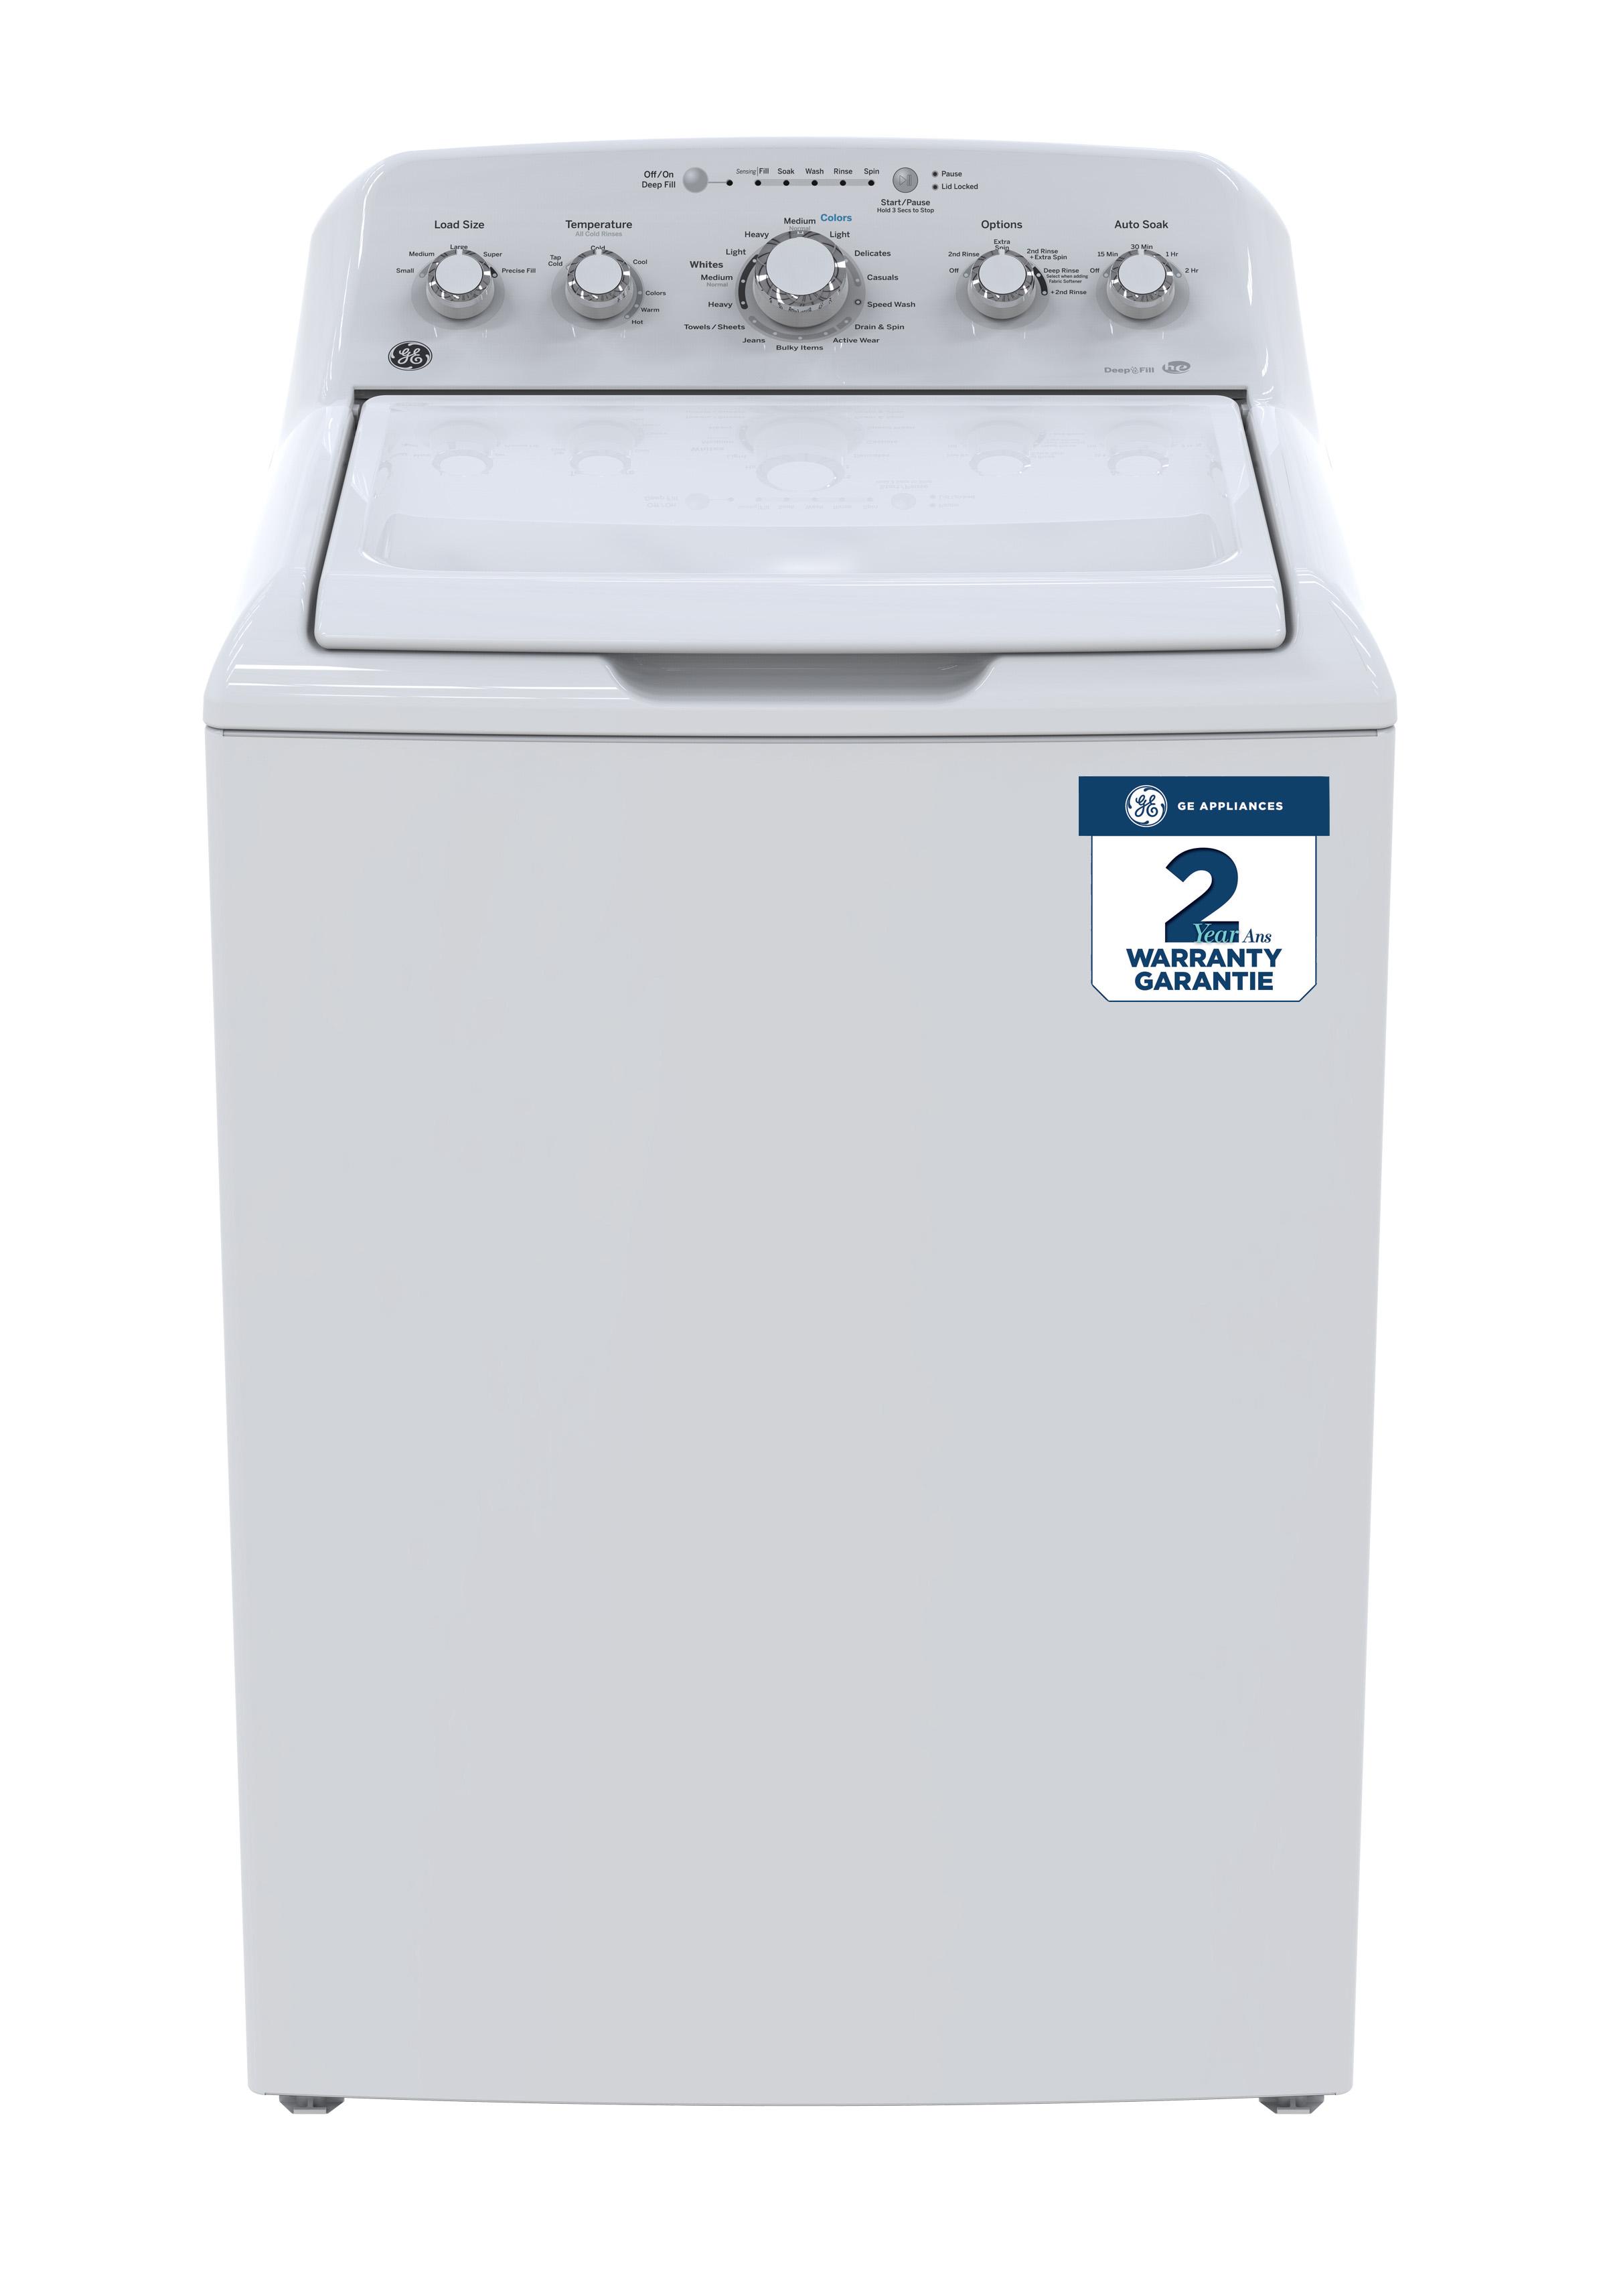 22109 – washer – GTW460BMKWW – front